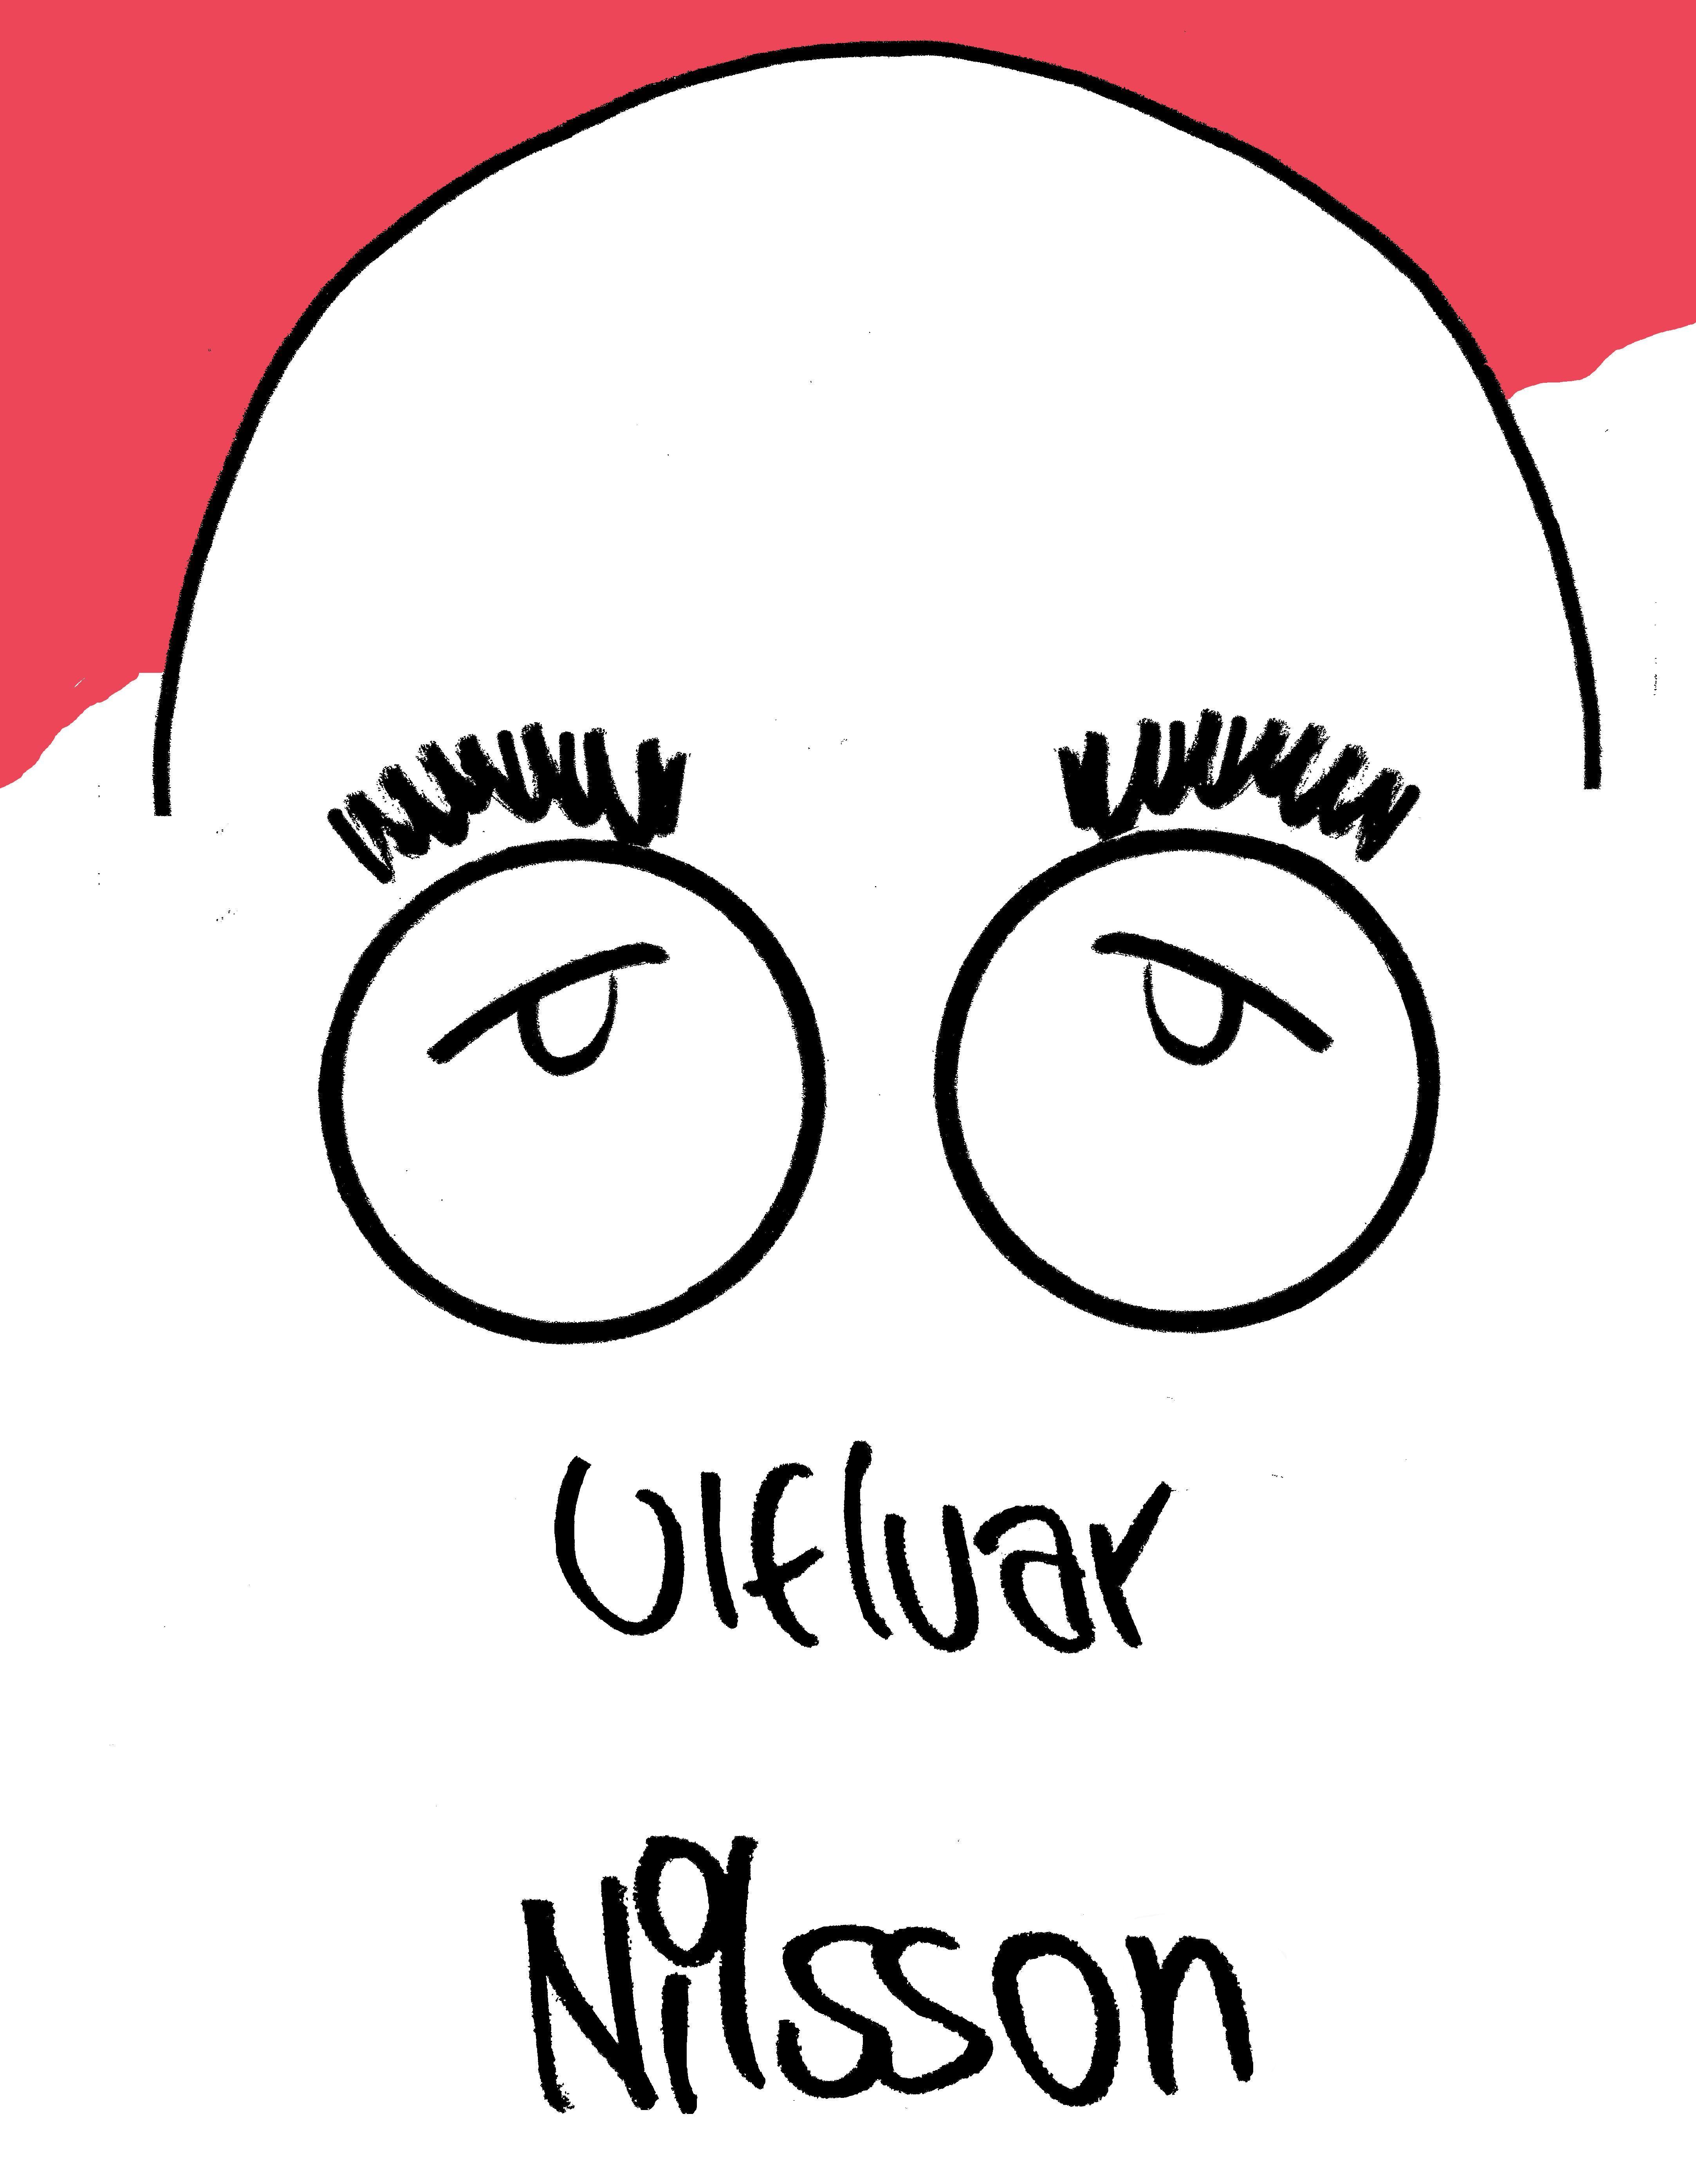 Vi och dom - Ulf Ivar Nilsson